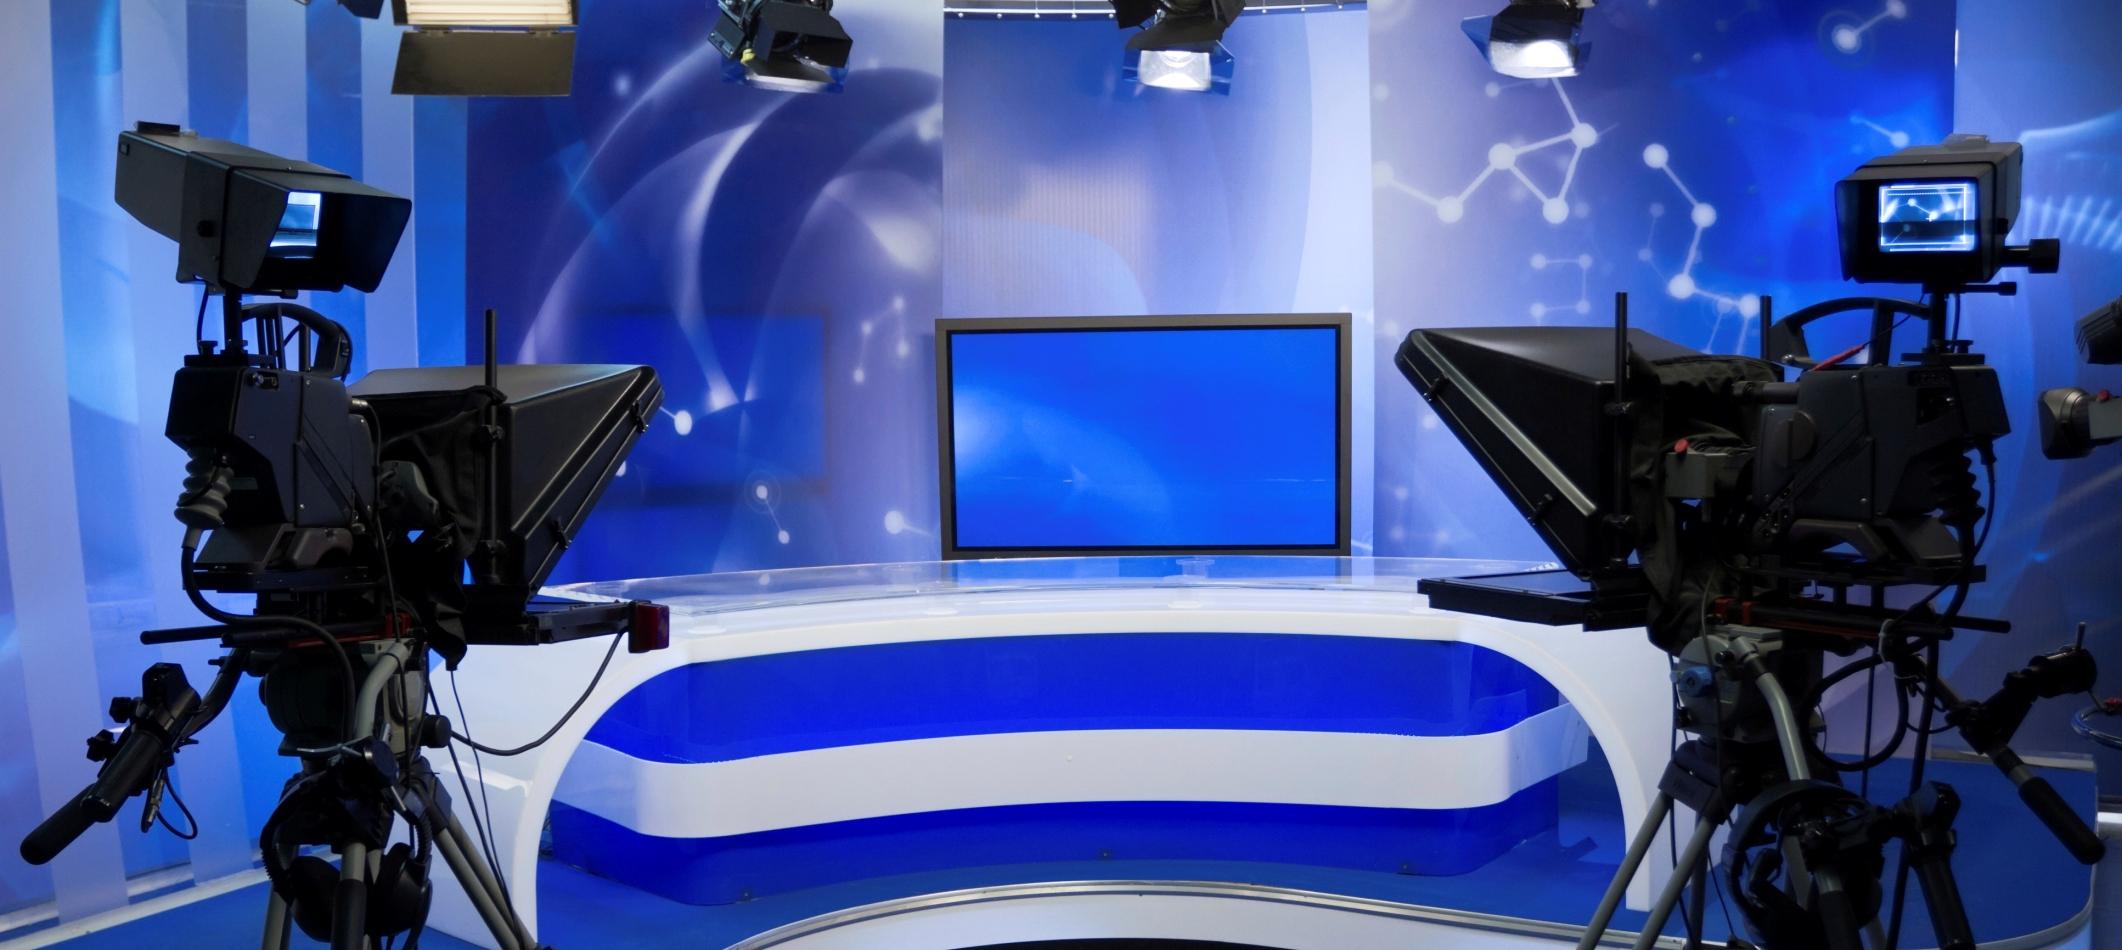 Вчерашнее выступление депутатов о казино в студии вести 24 отзывы о заработке в интернете казино